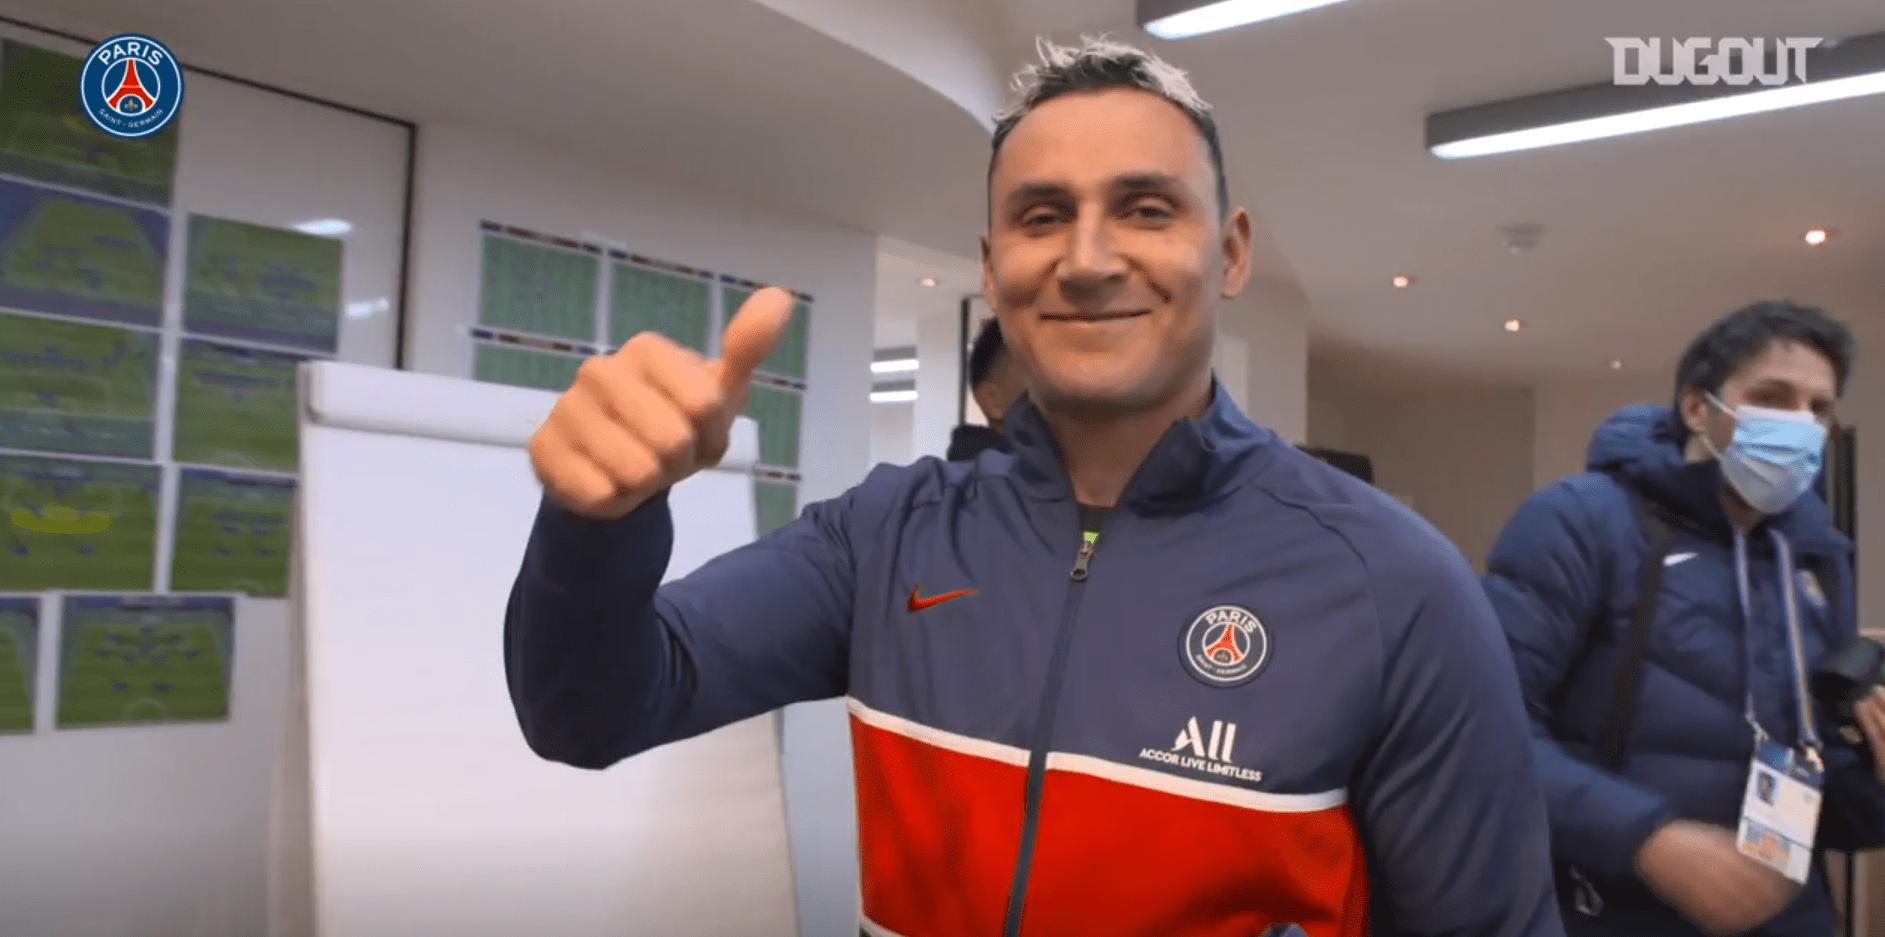 PSG/Barcelone - Revivez la qualification et la célébration au plus près des joueurs parisiens